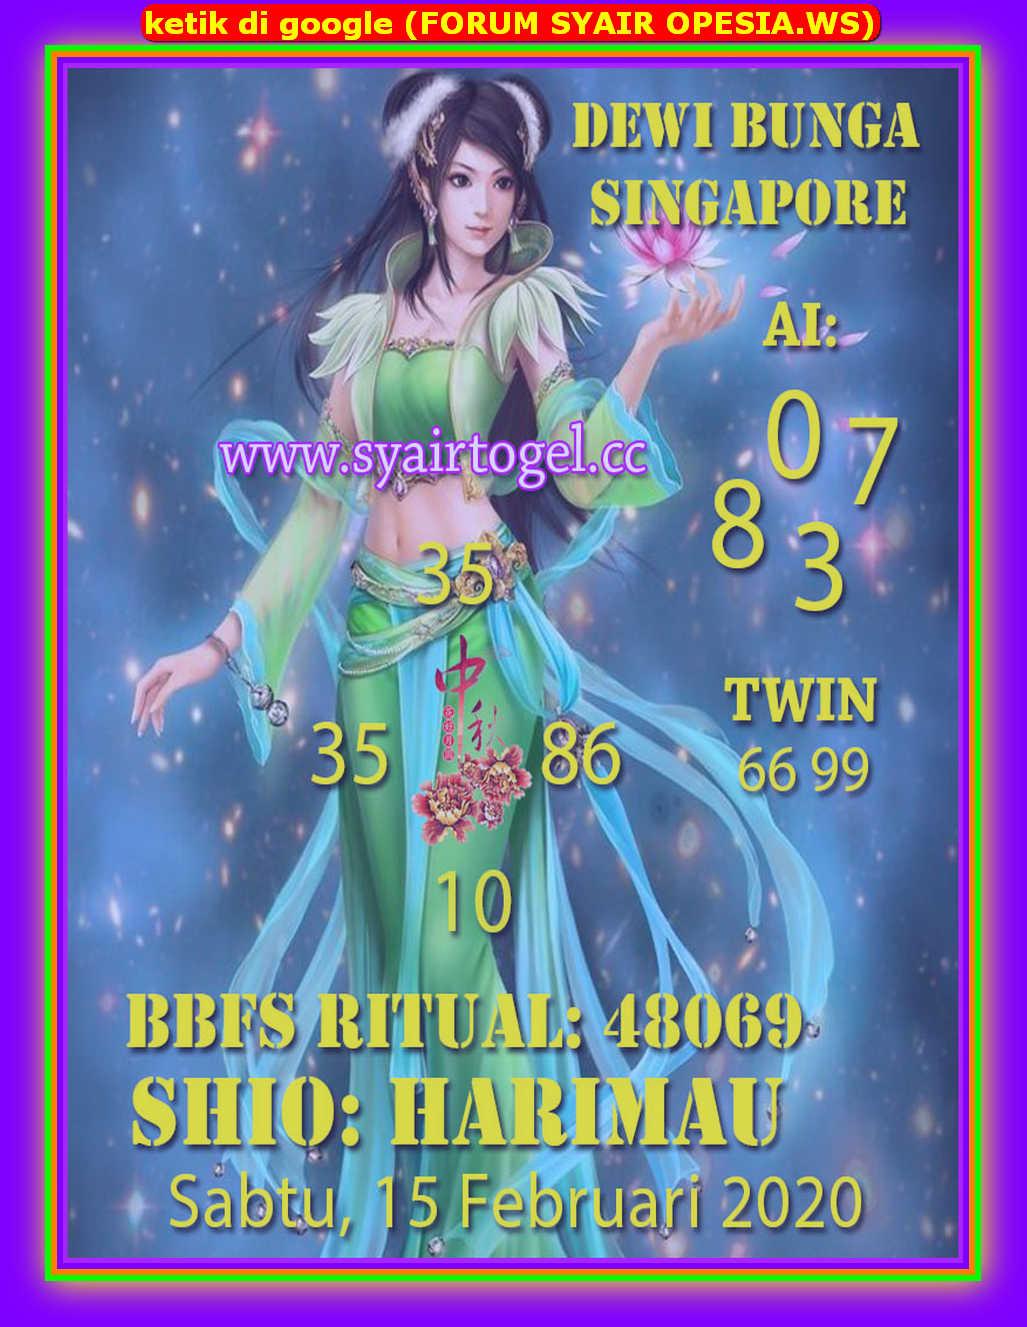 Kode syair Singapore Sabtu 15 Februari 2020 137